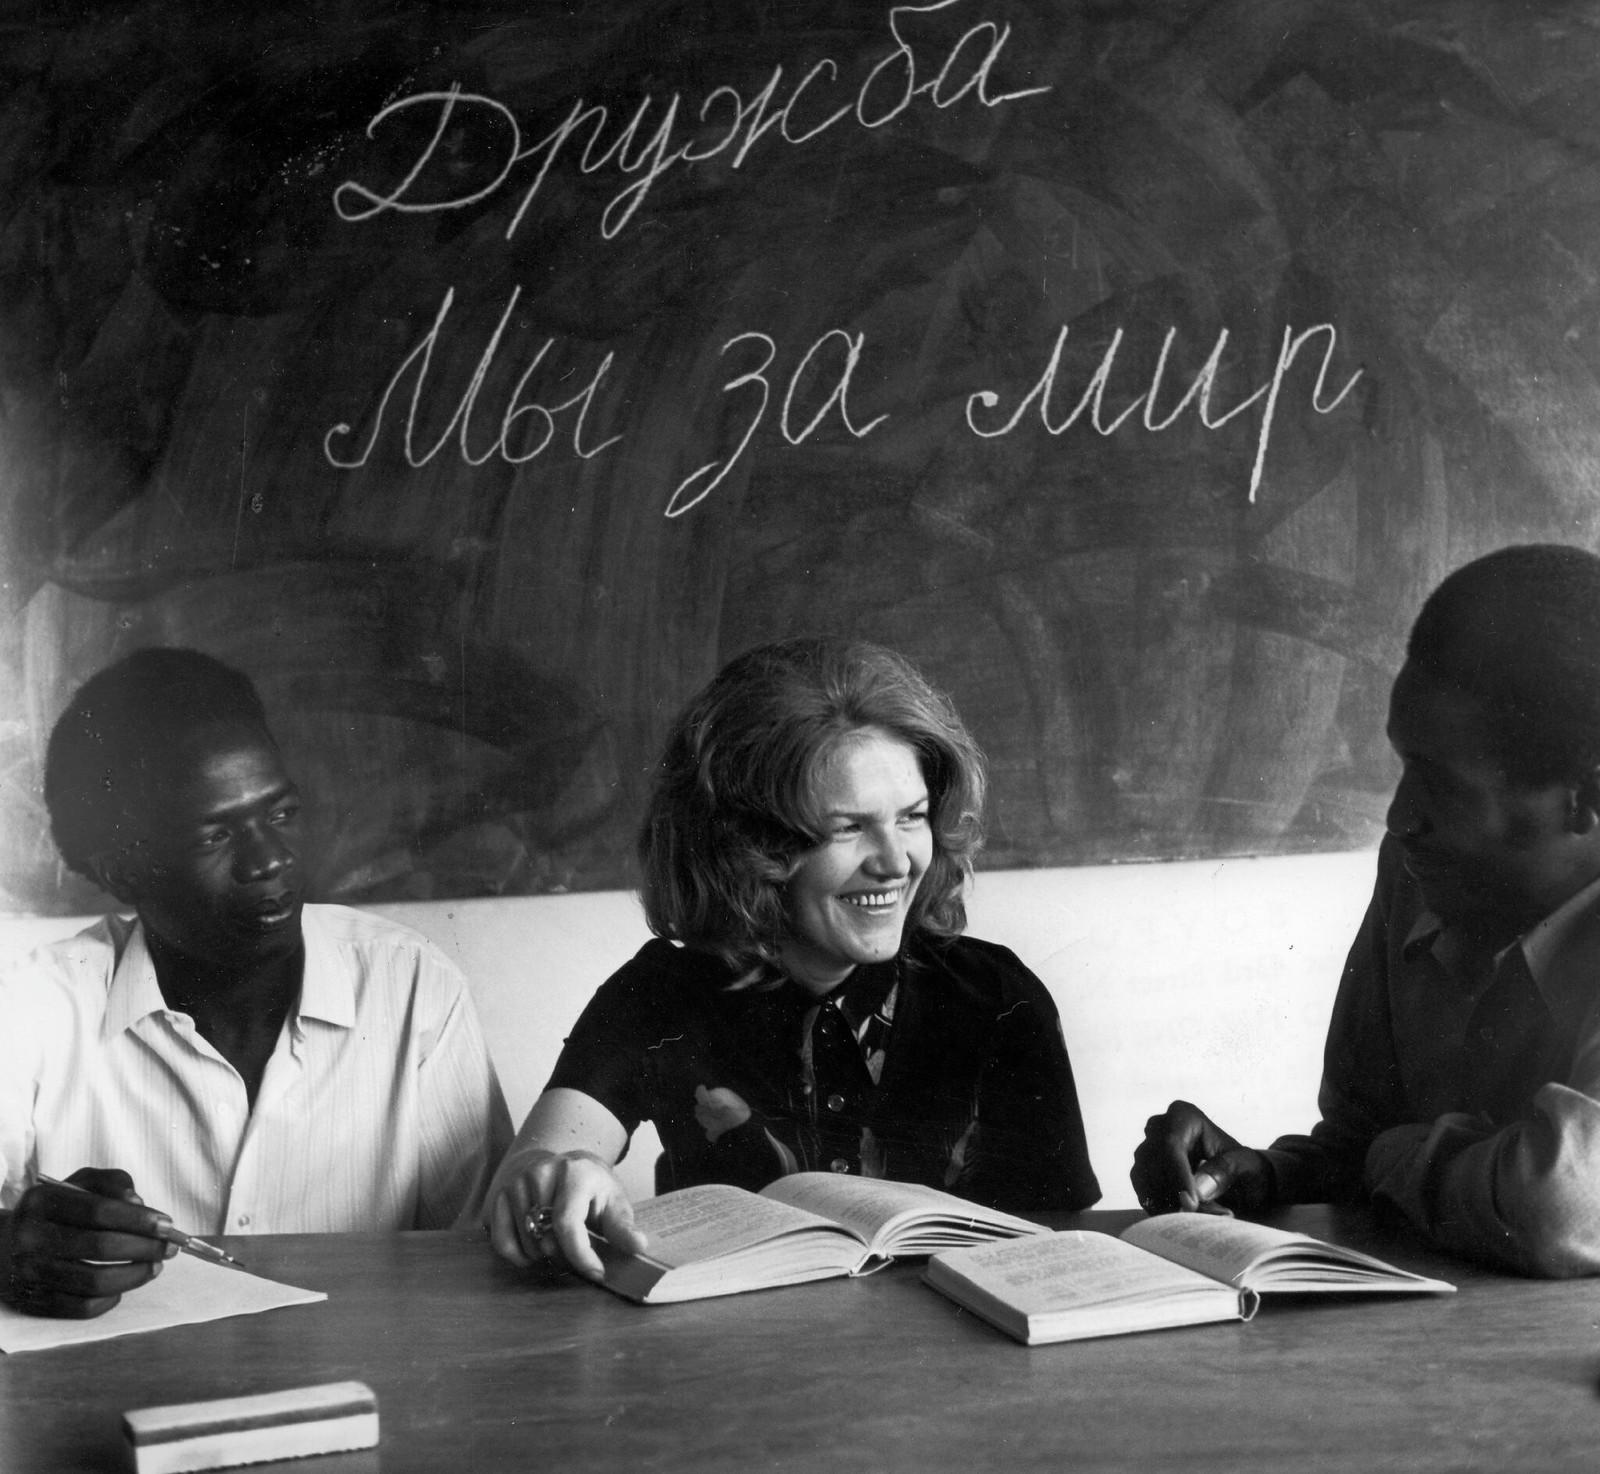 1977. «Дружба, мы за мир» - написано на доске во время урока русского языка, проводимого советской учительницей Ингой Мальцевой в Уганде. Декабрь